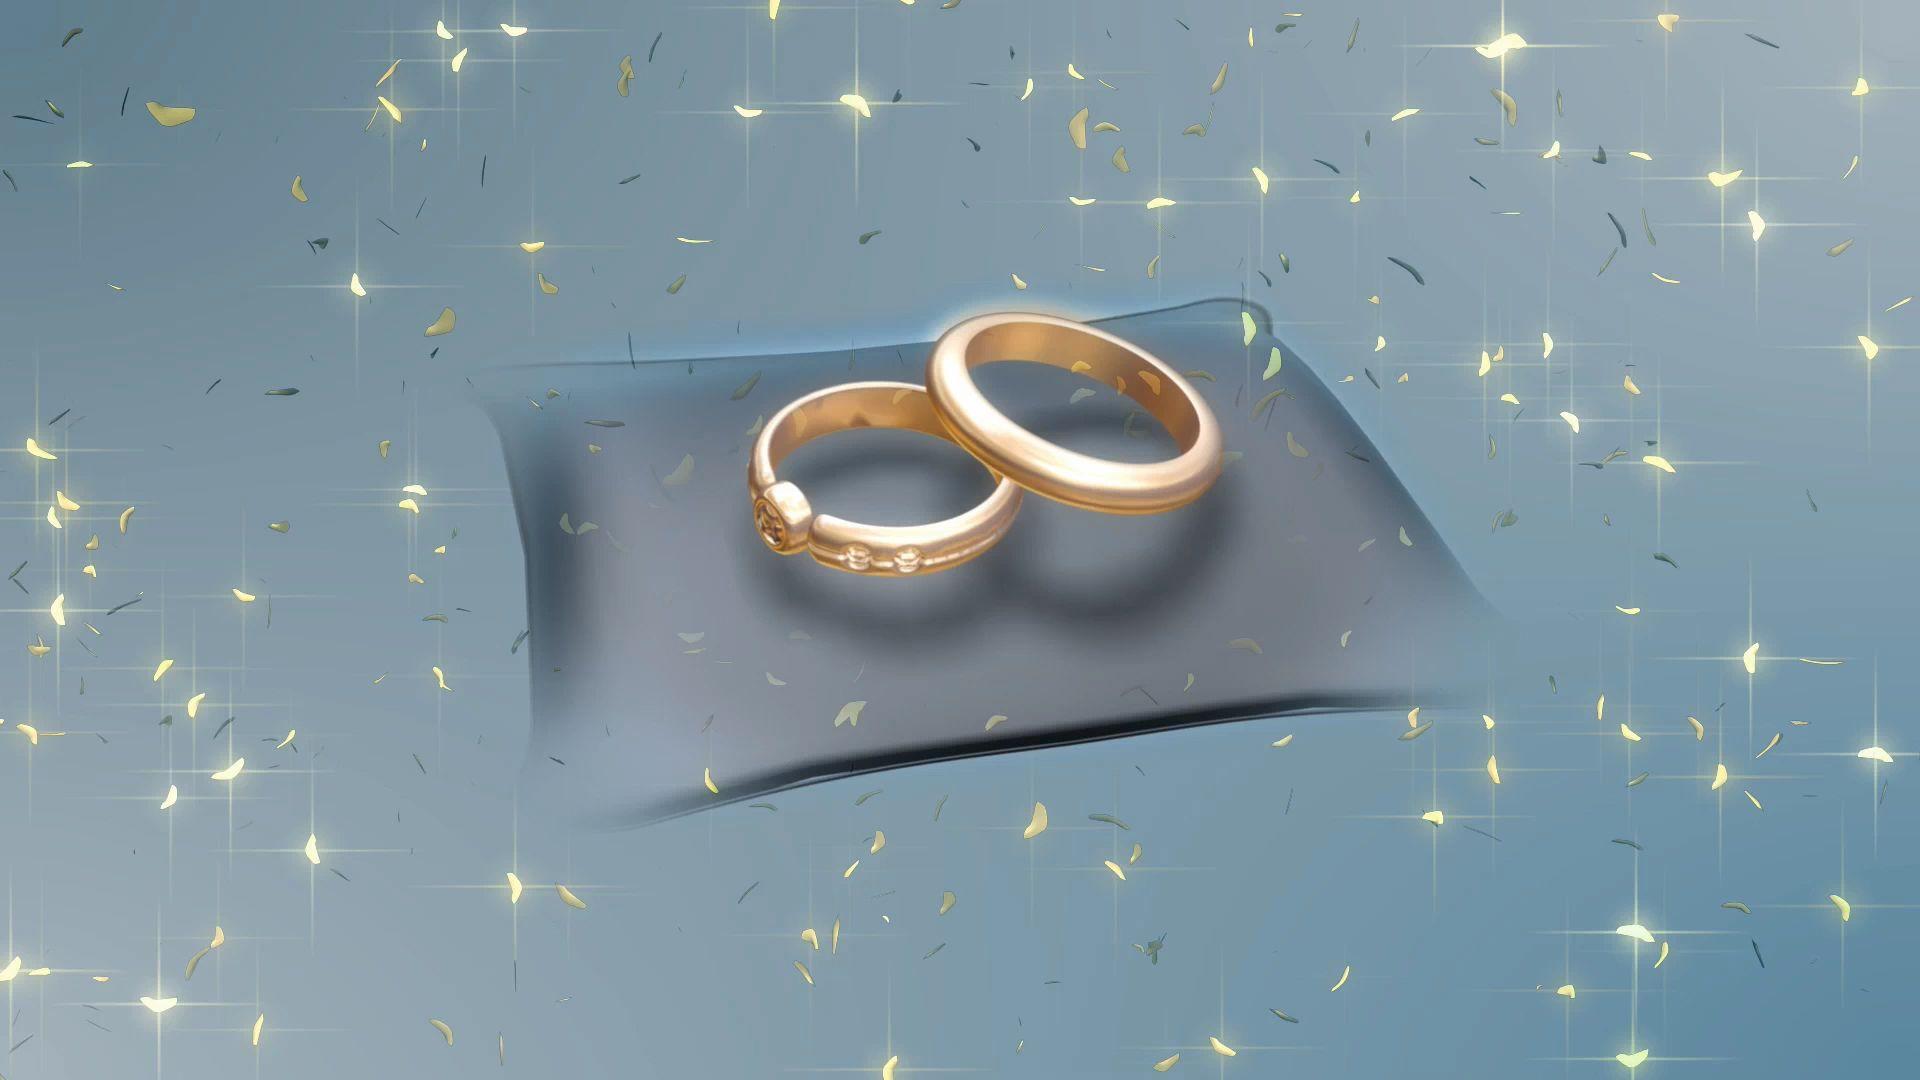 Kerala Wedding Photo Backgrounds Hd Wedding Photography Website ...